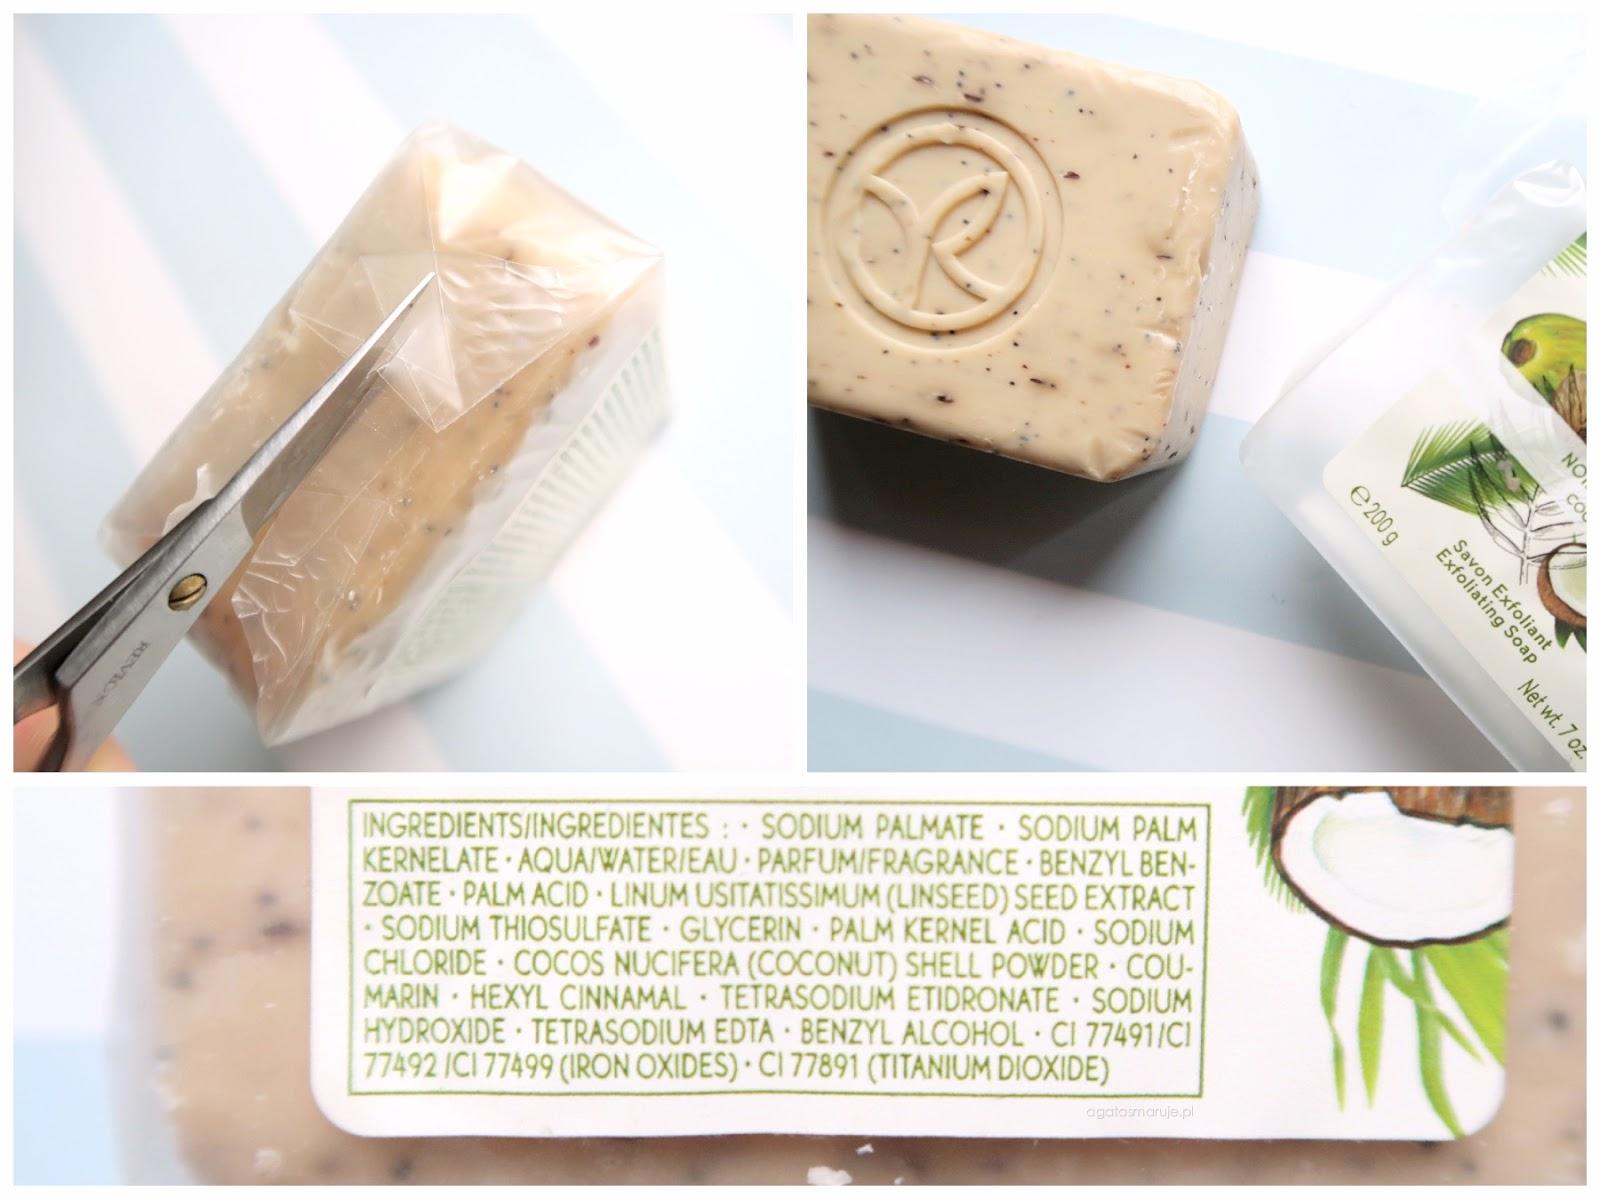 Yves Rocher Plaisirs Nature Noix de Coco peeling INCI